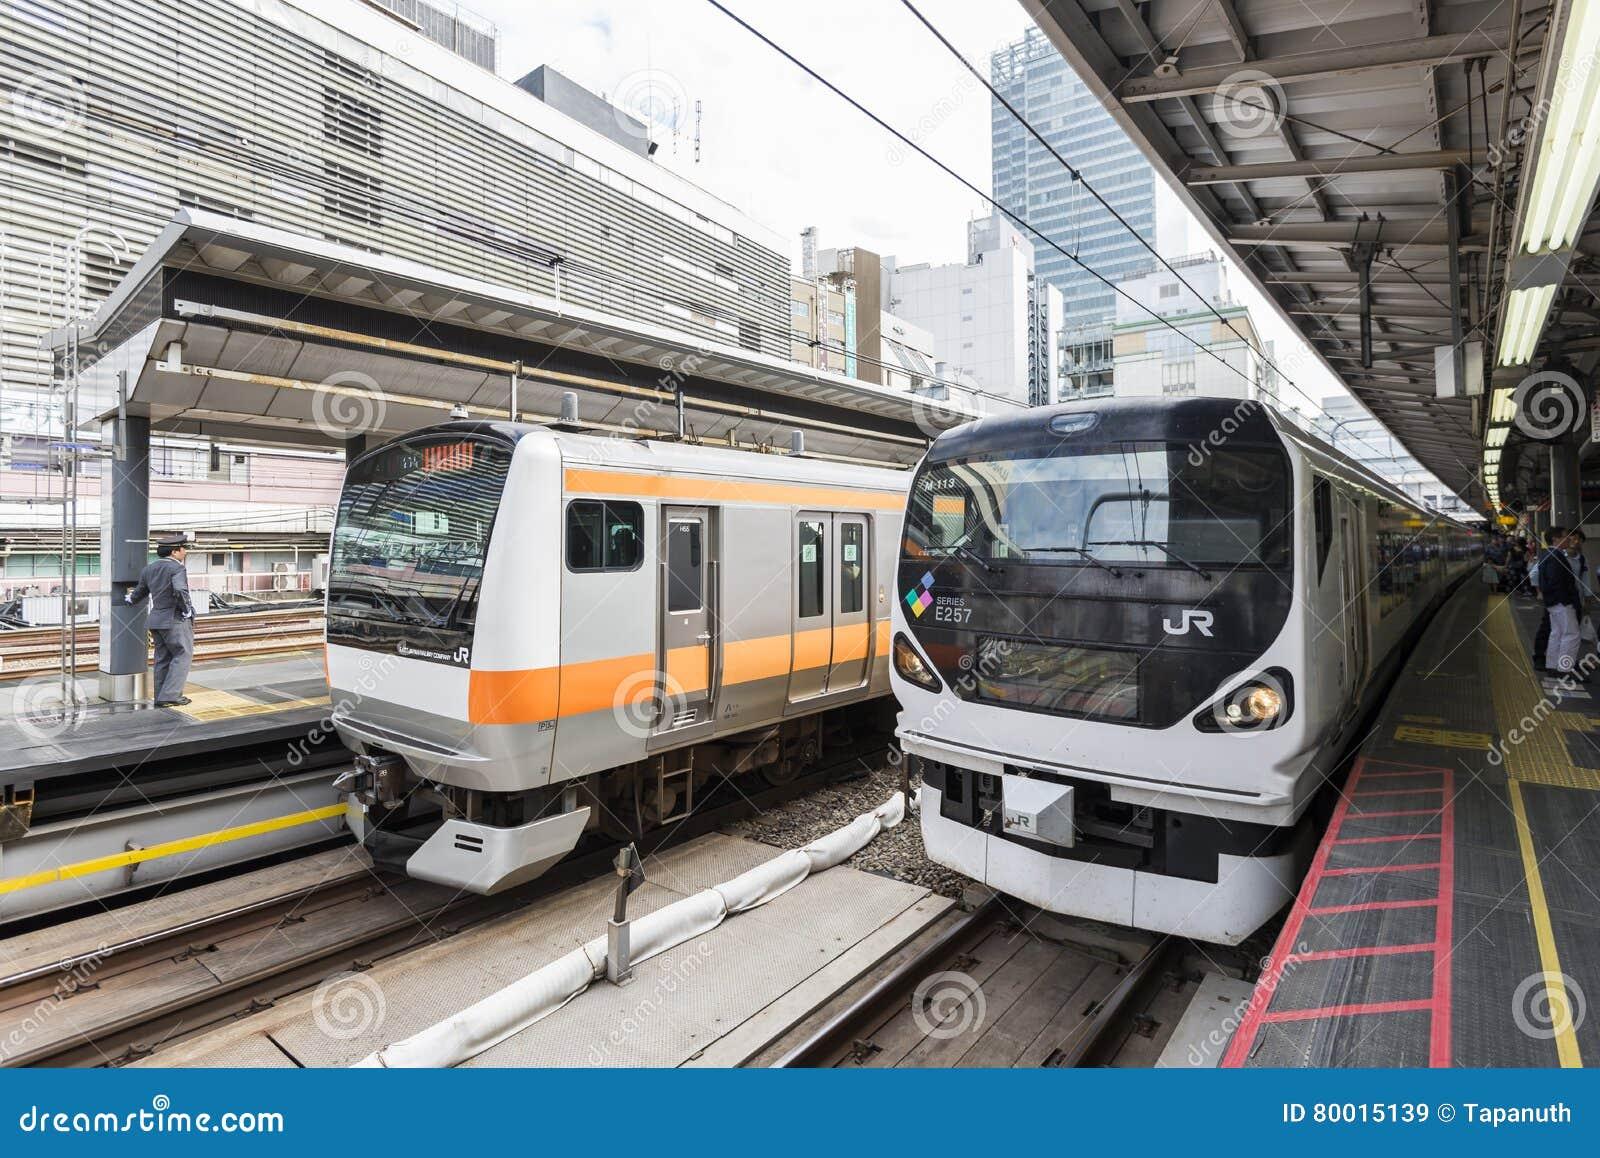 Tokyo Japan - September 30, 2016: Japan järnväg drev på den Shinjuku stationen